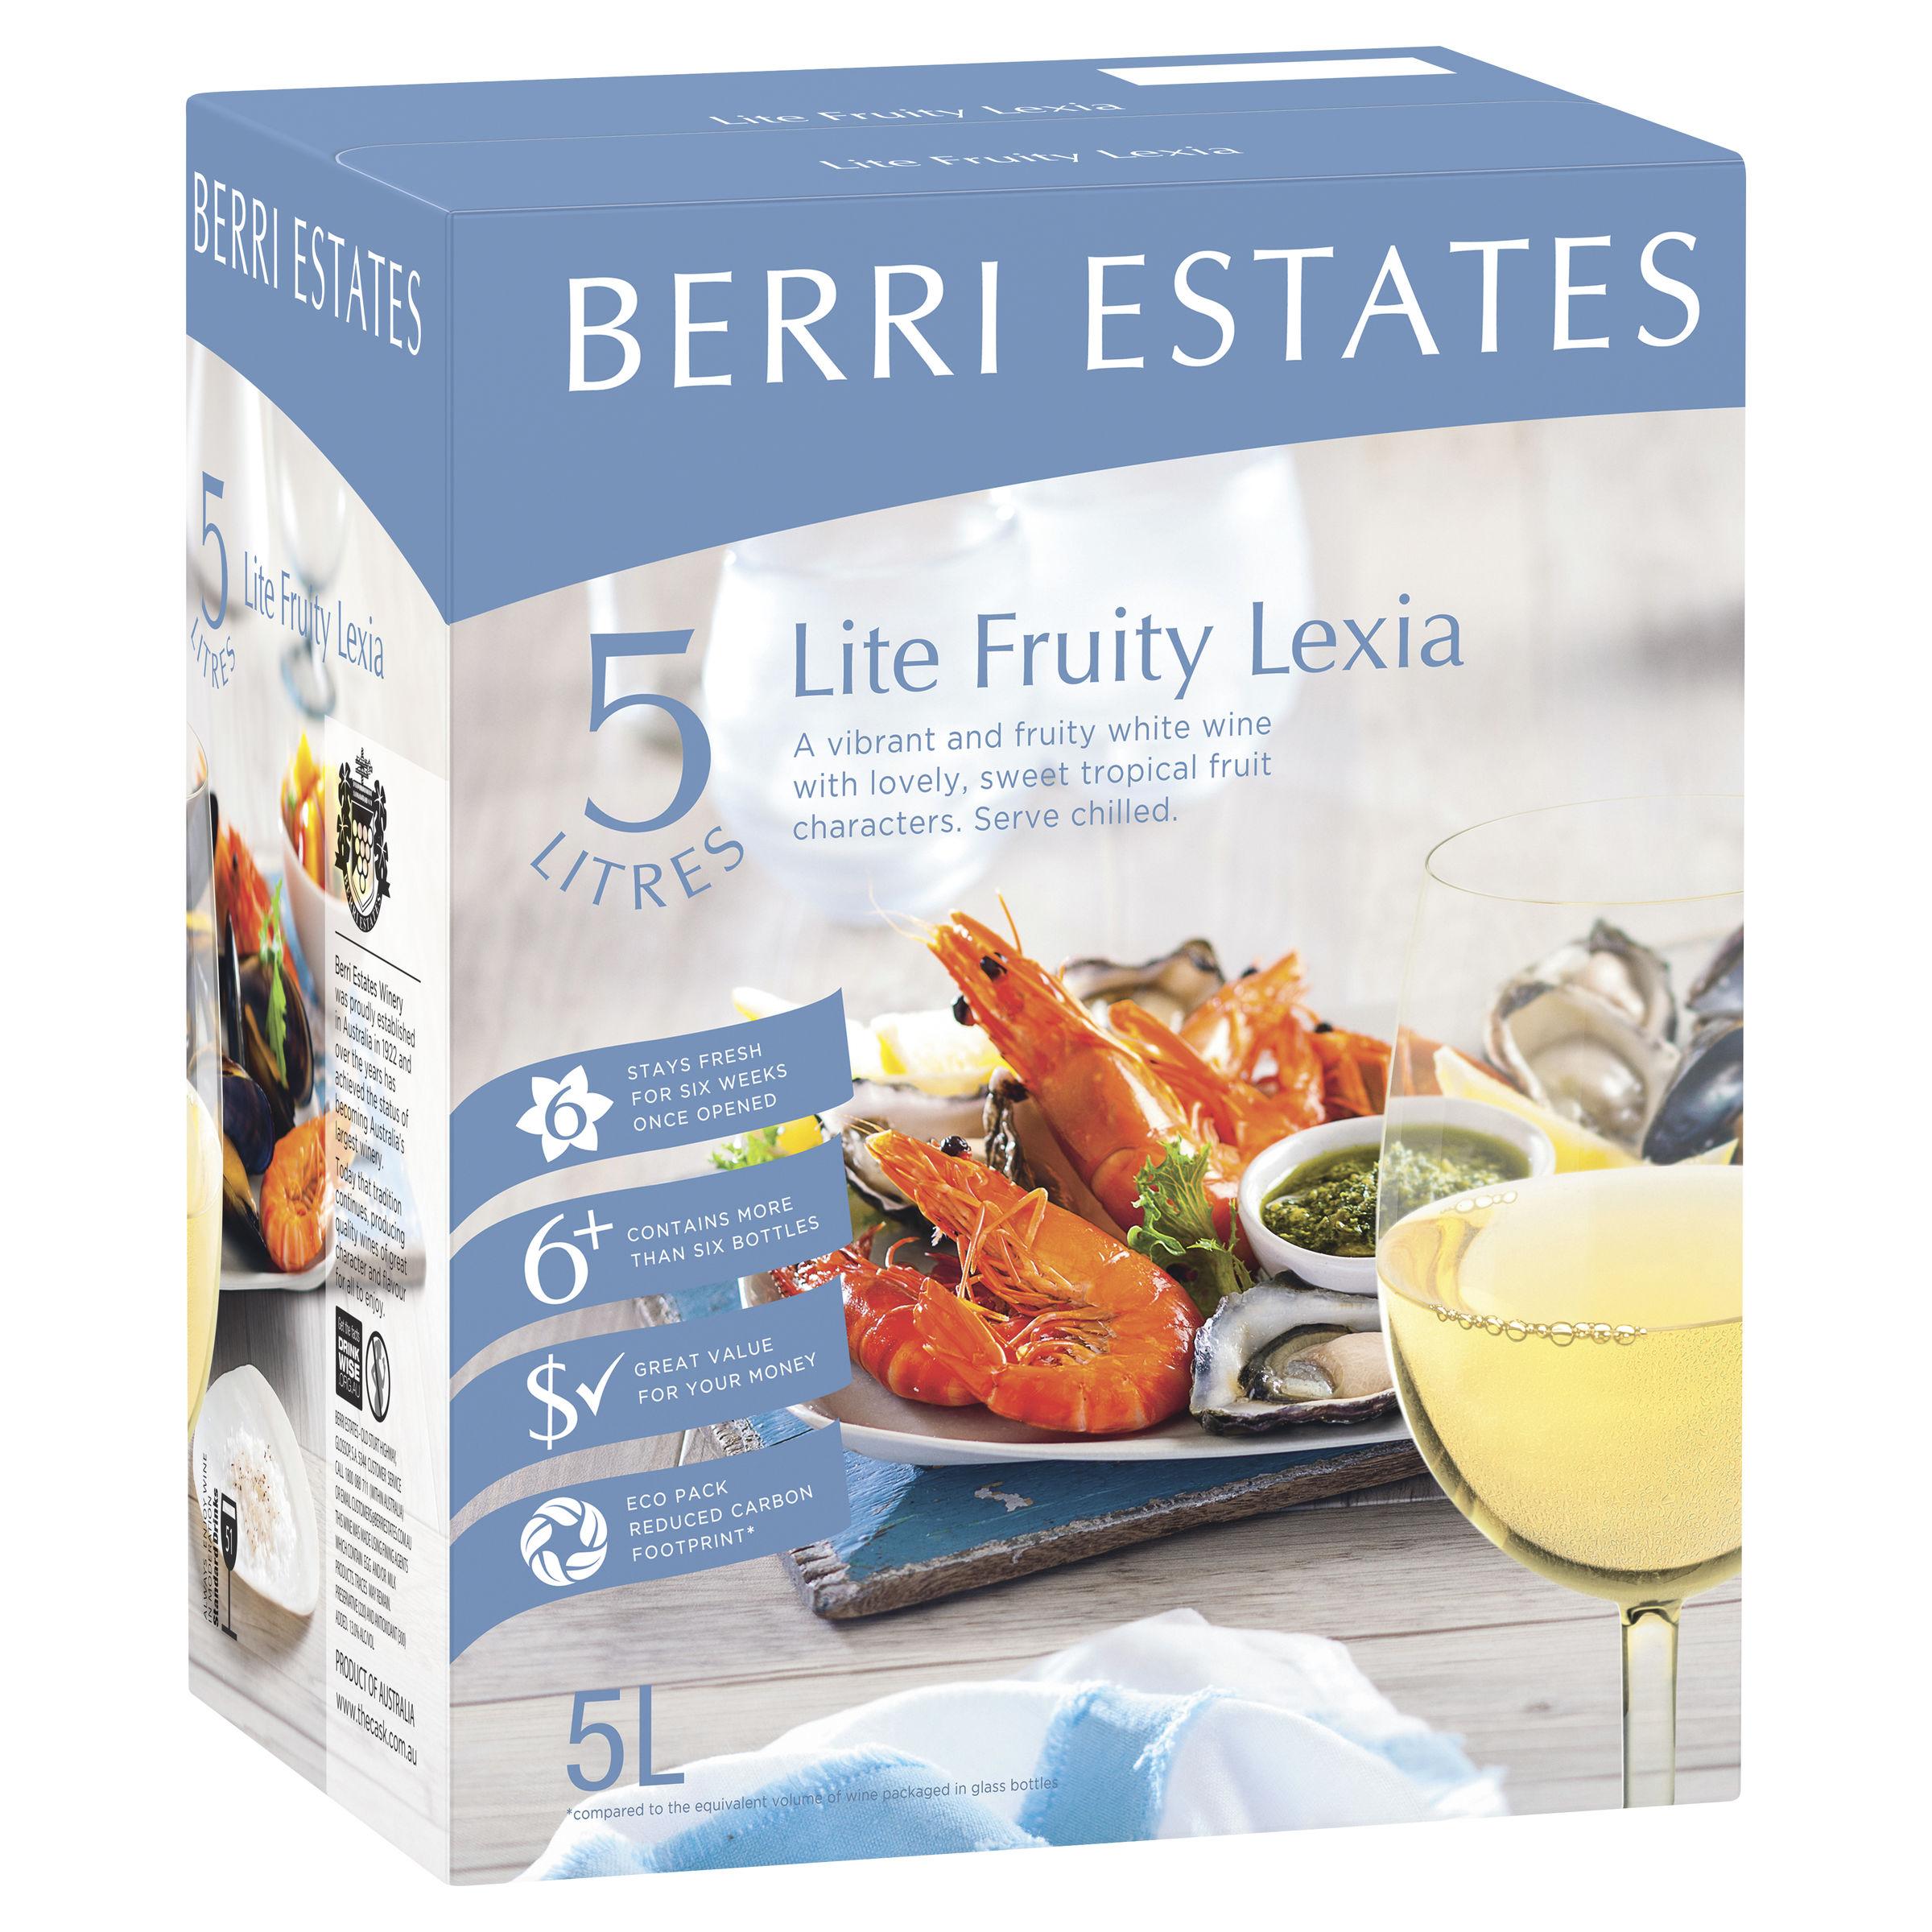 BERRI ESTATES LITE FRUITY LEXIA